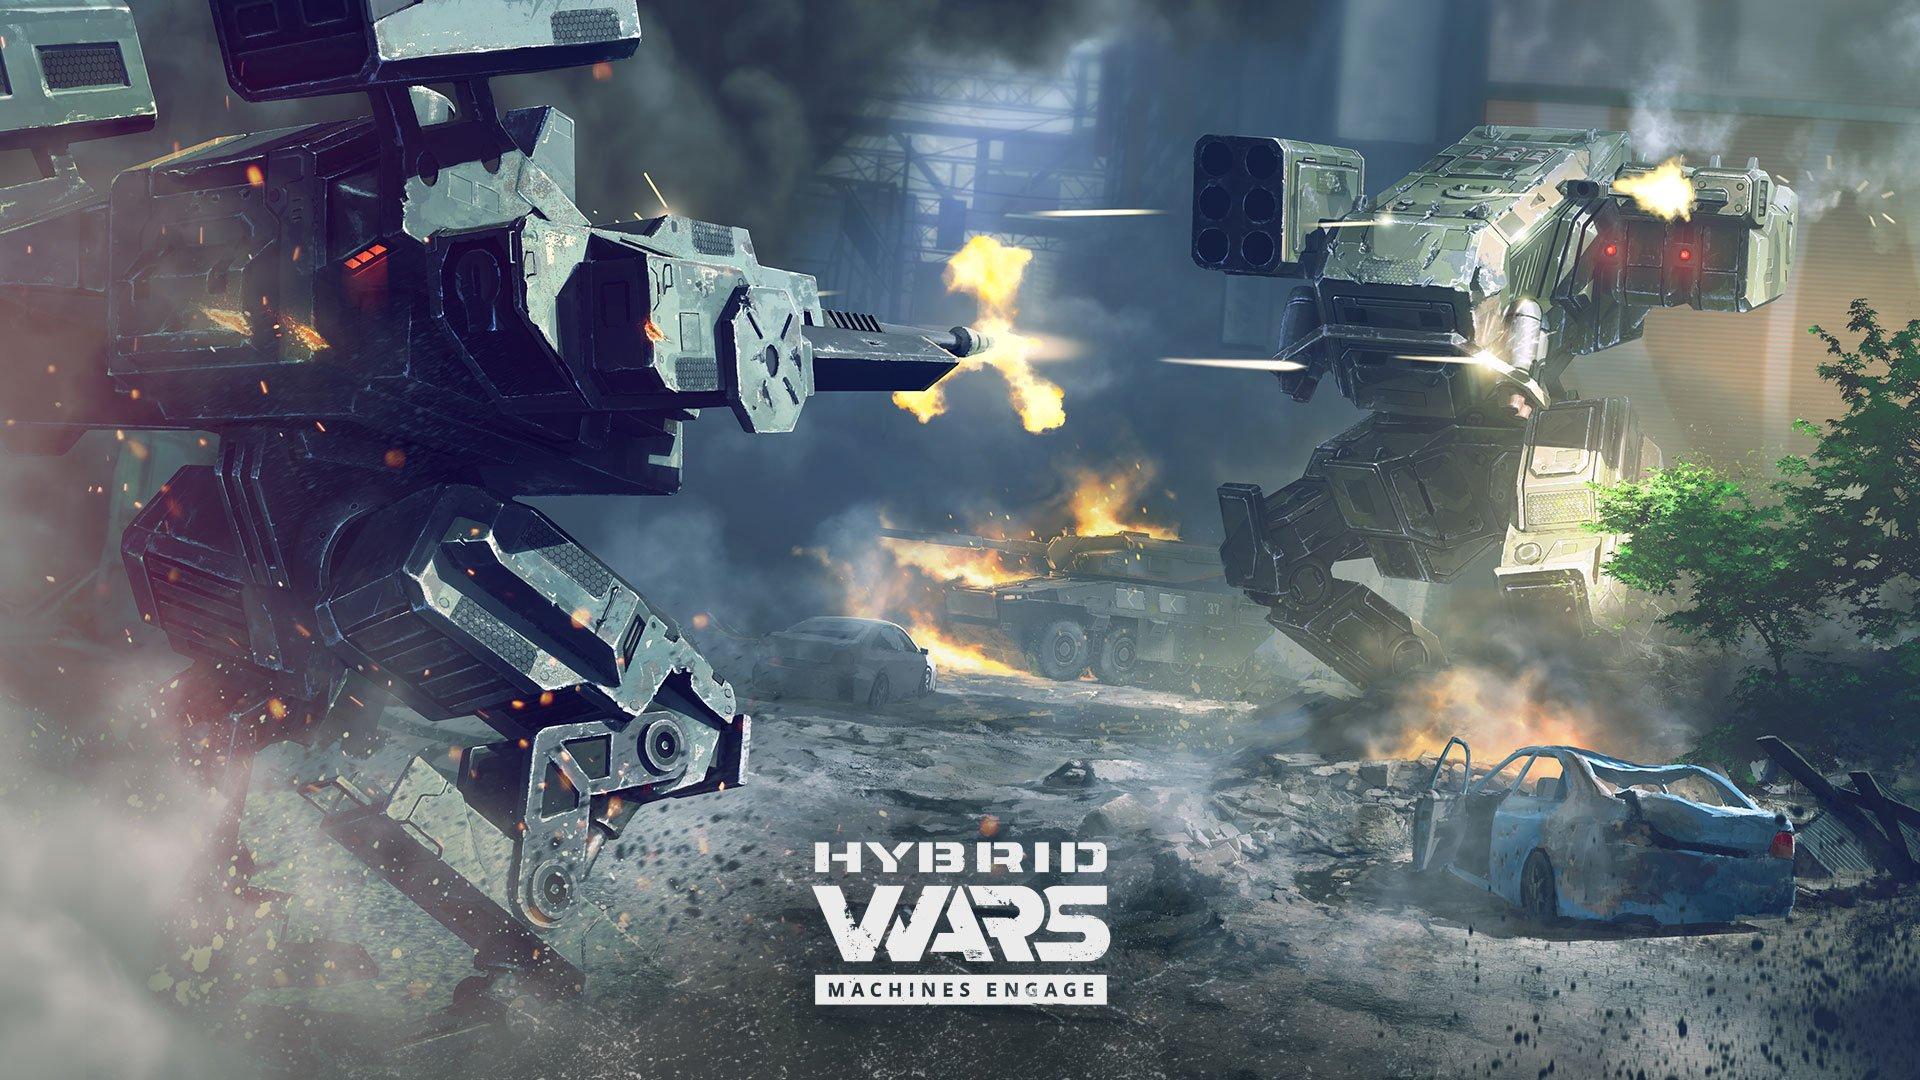 Hybrid Wars вступает в стадию закрытия - огромная скидка перед снятием с продажи